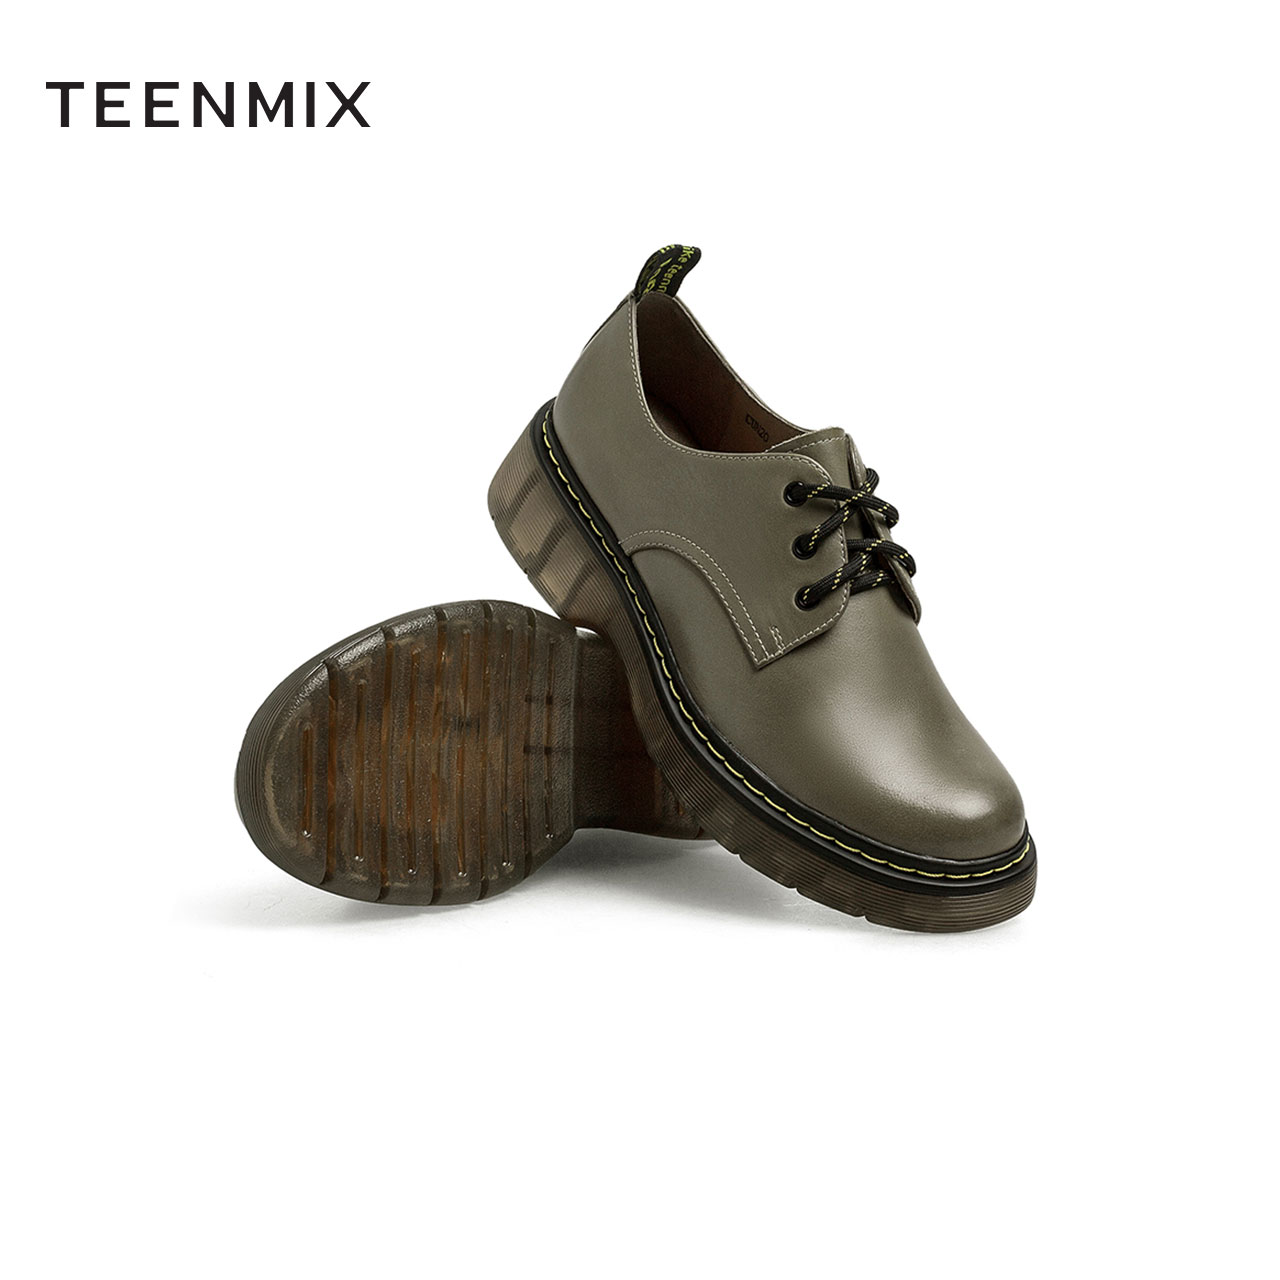 秋新款商场同款英伦风单鞋圆头休闲皮鞋 2021 天美意复古系带皮鞋女